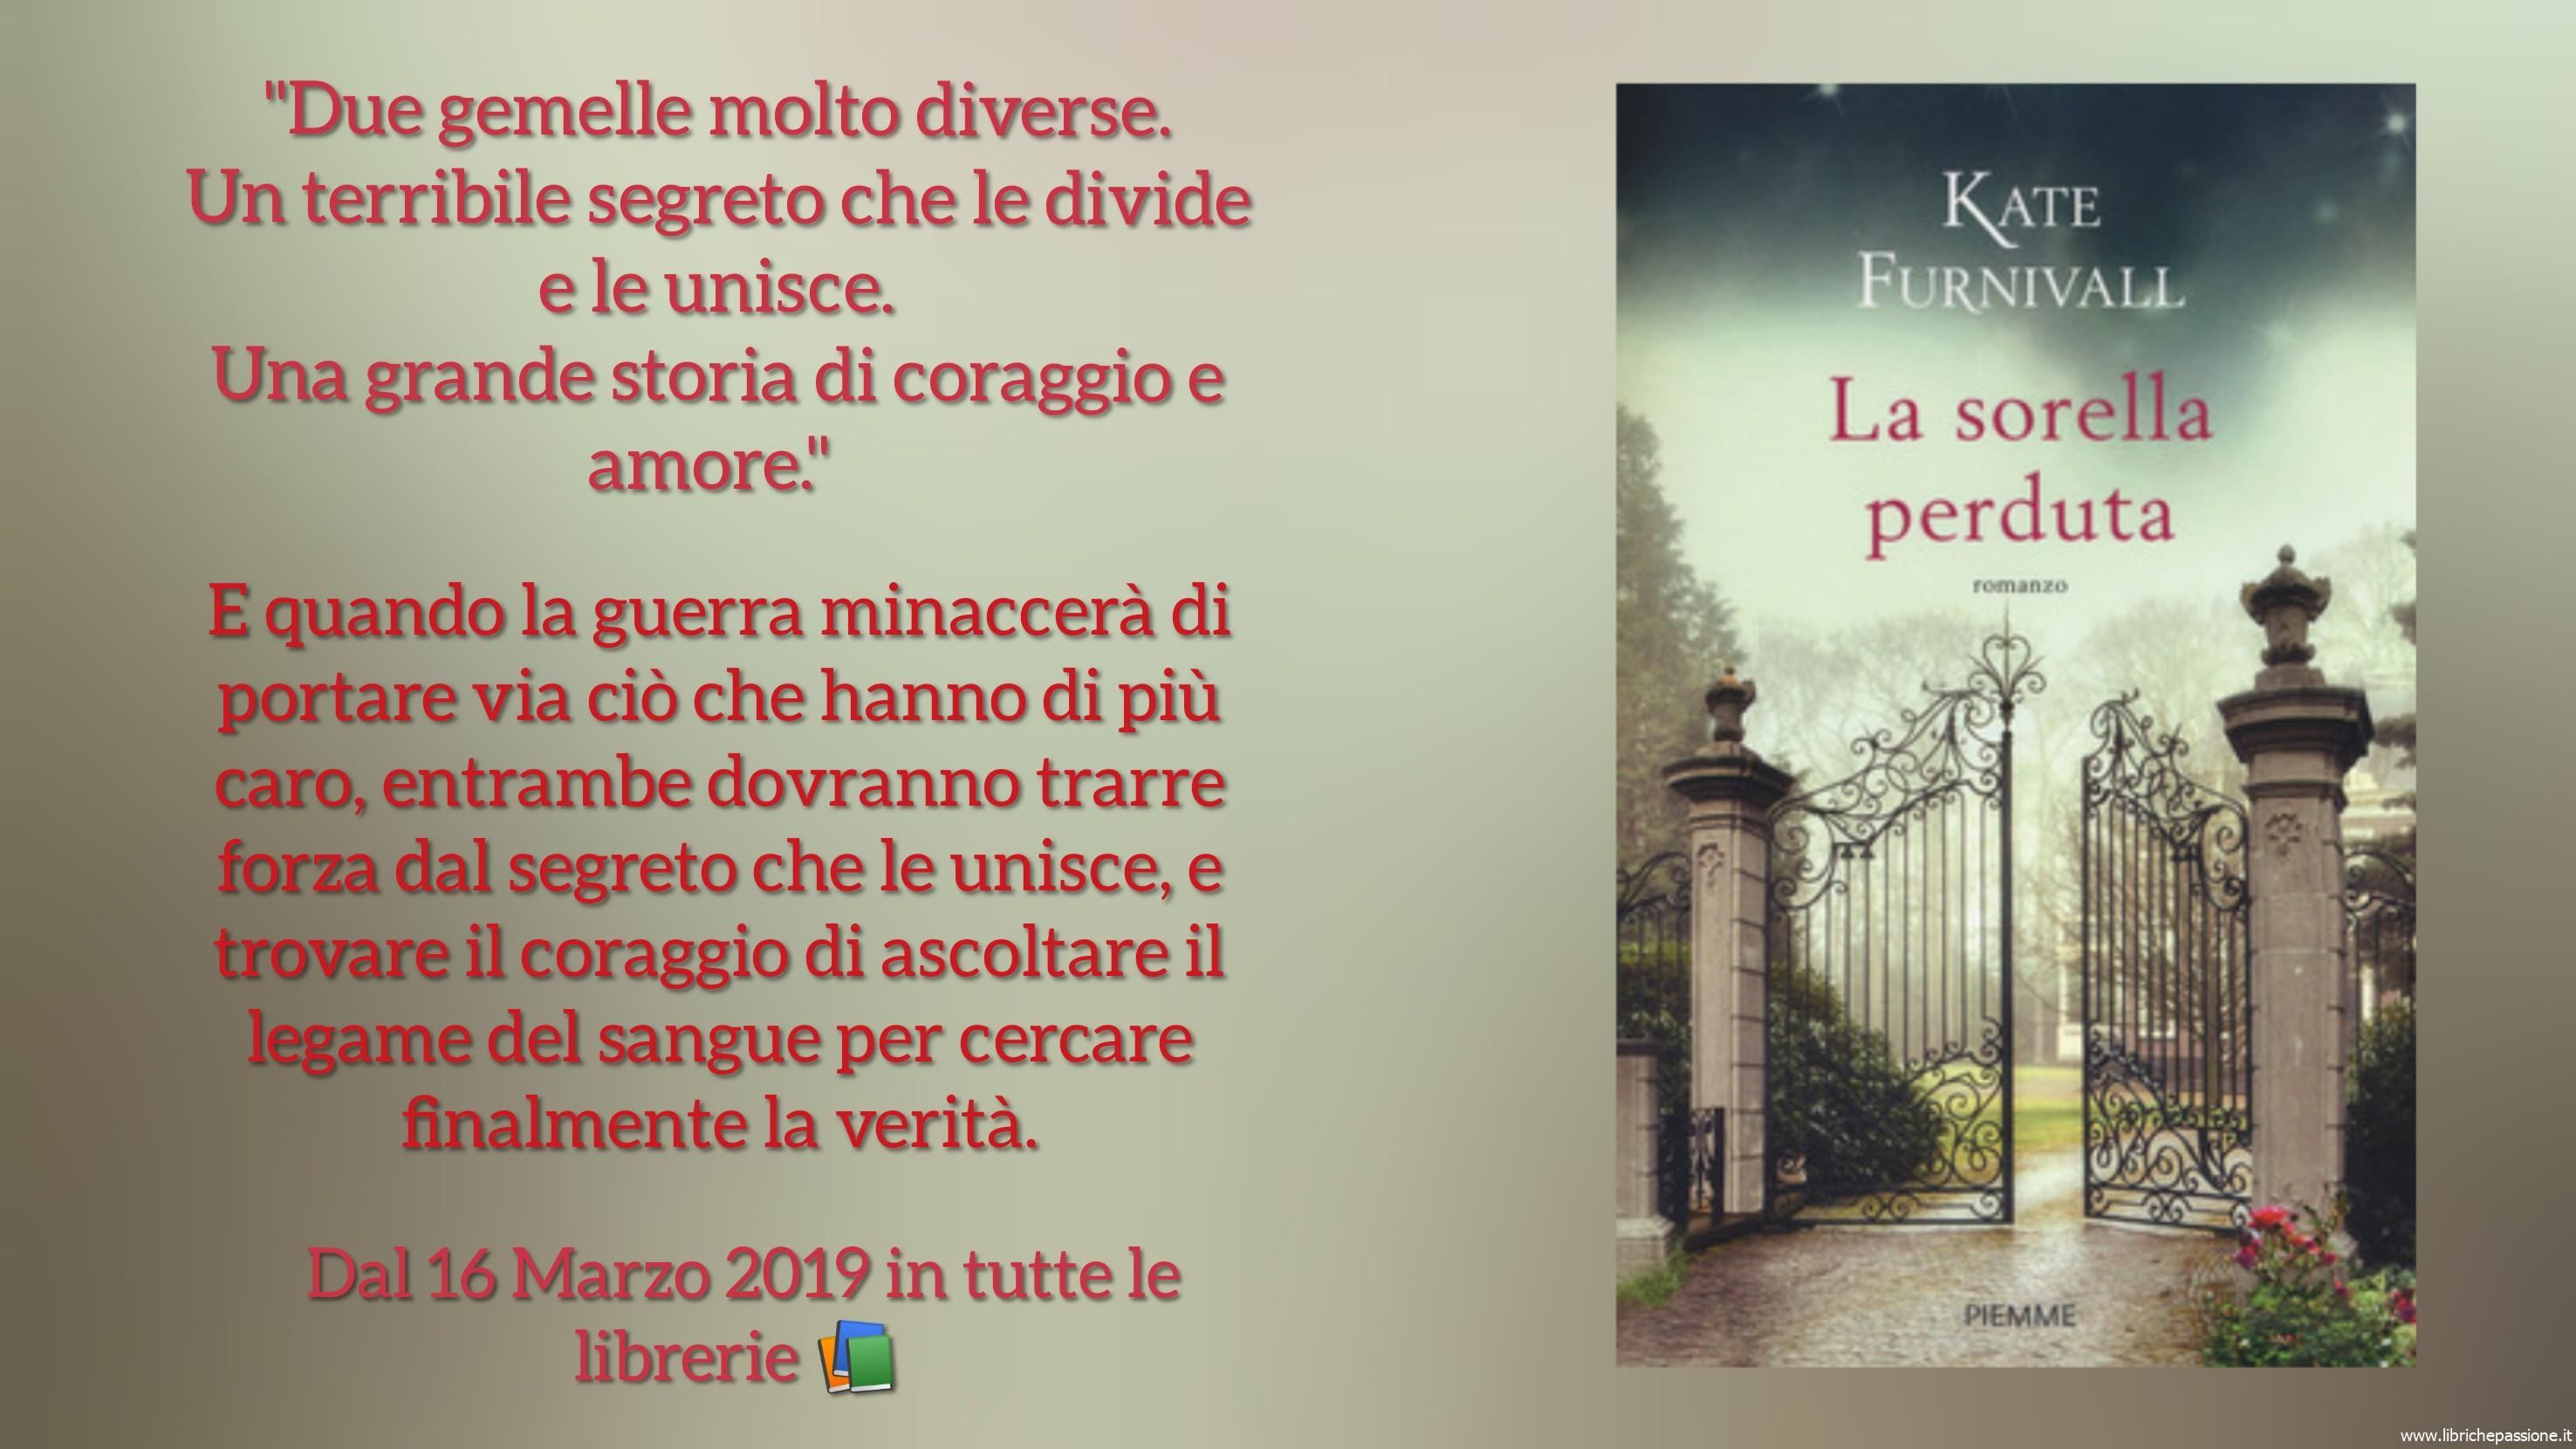 """Segnalazione: """"La sorella perduta"""" autrice Kate Furnivall Edizioni Piemme"""